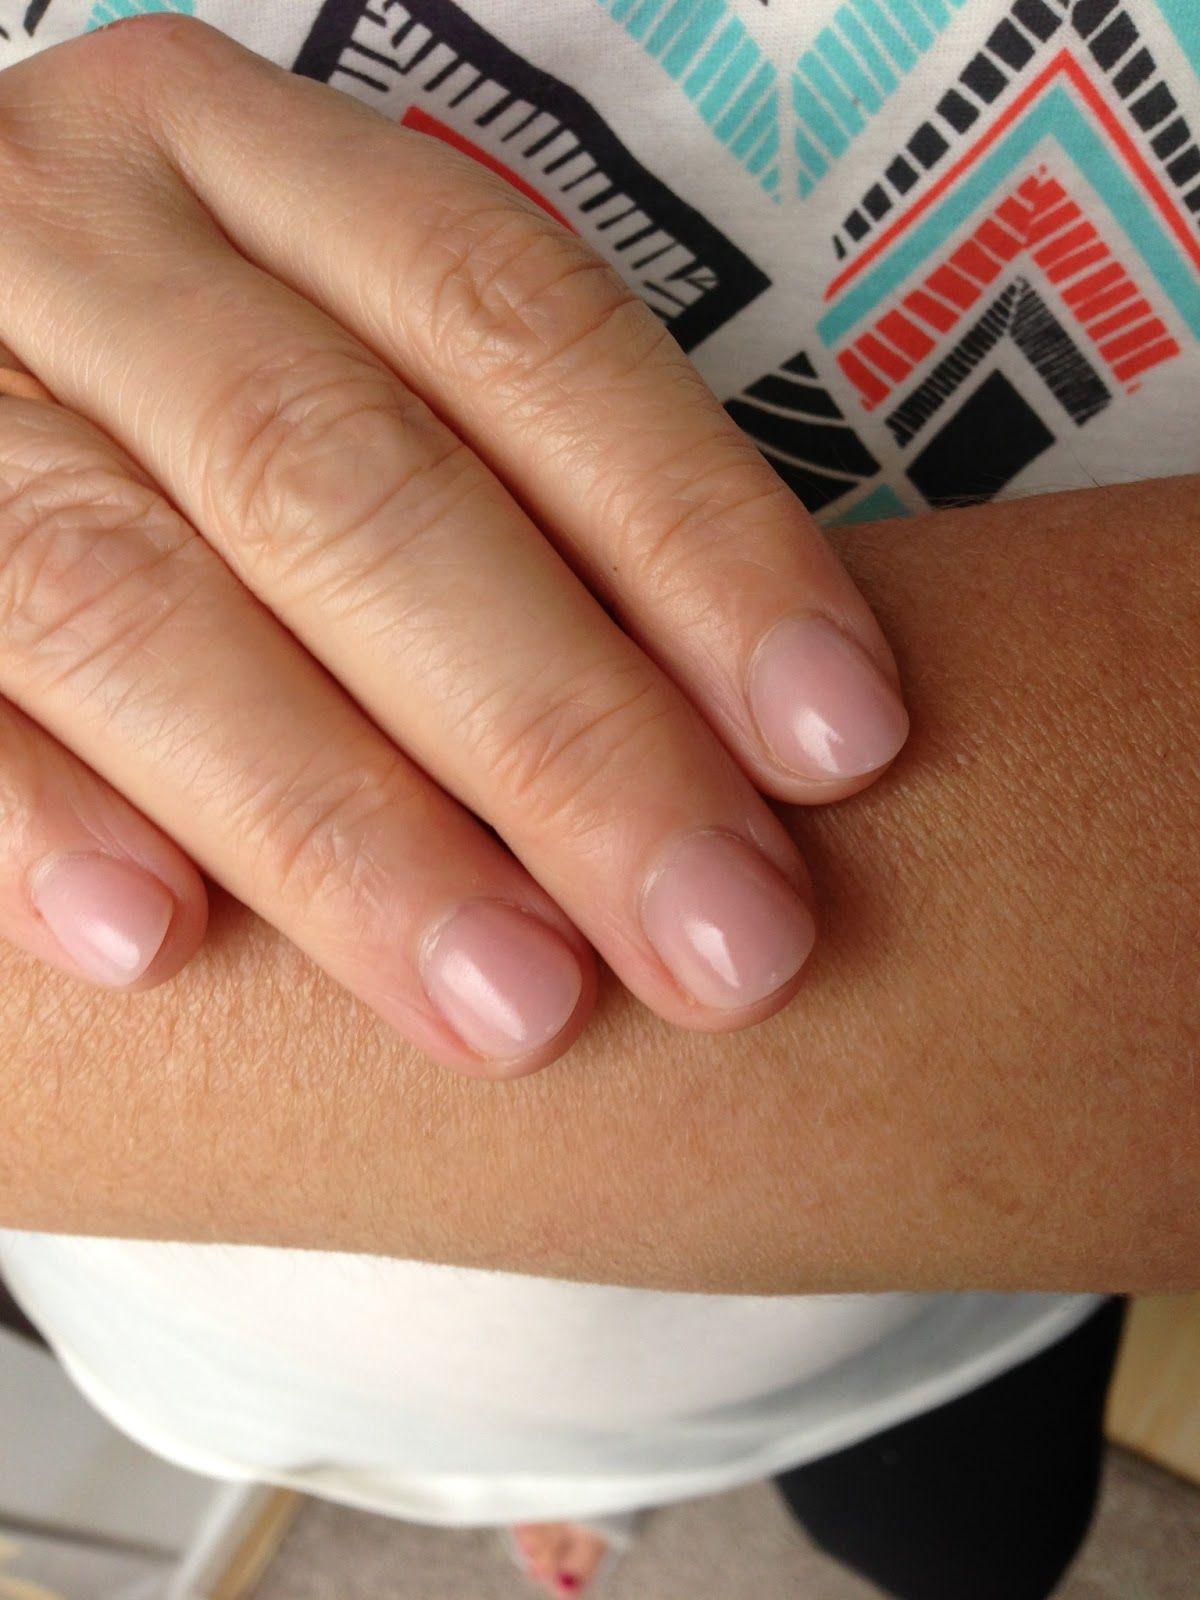 Mad Nails at Swansea: Short natural look. | Nails | Pinterest ...